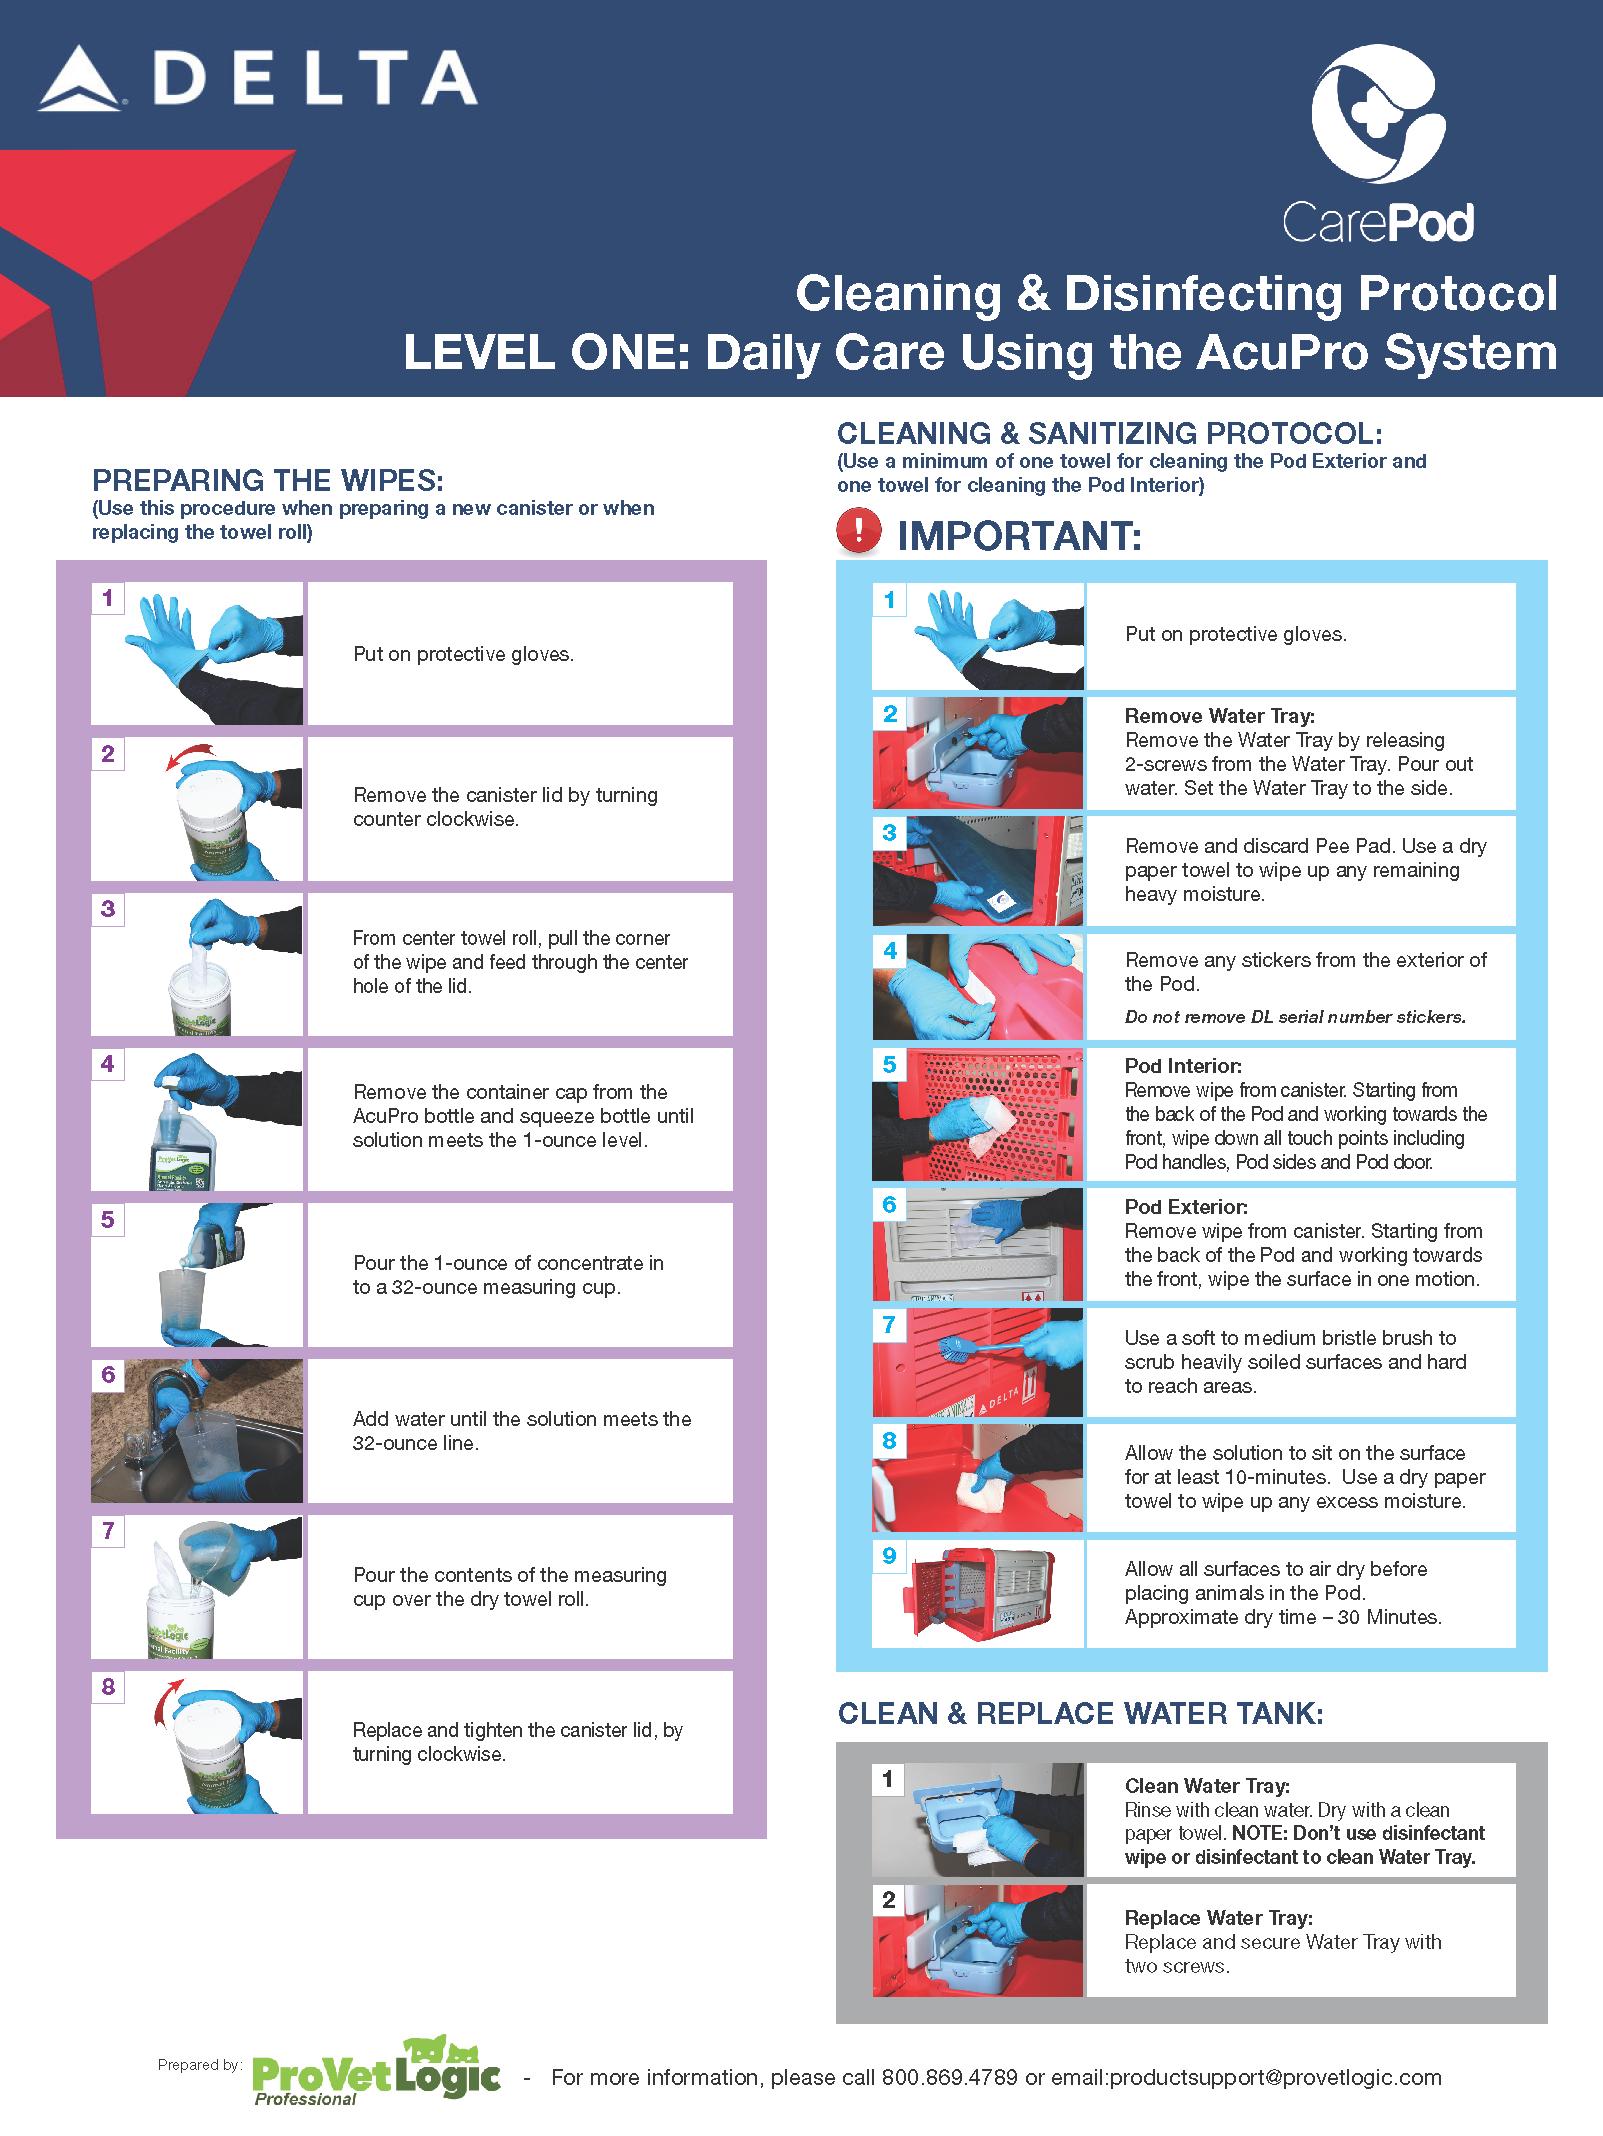 Delta Care Pod Protocol